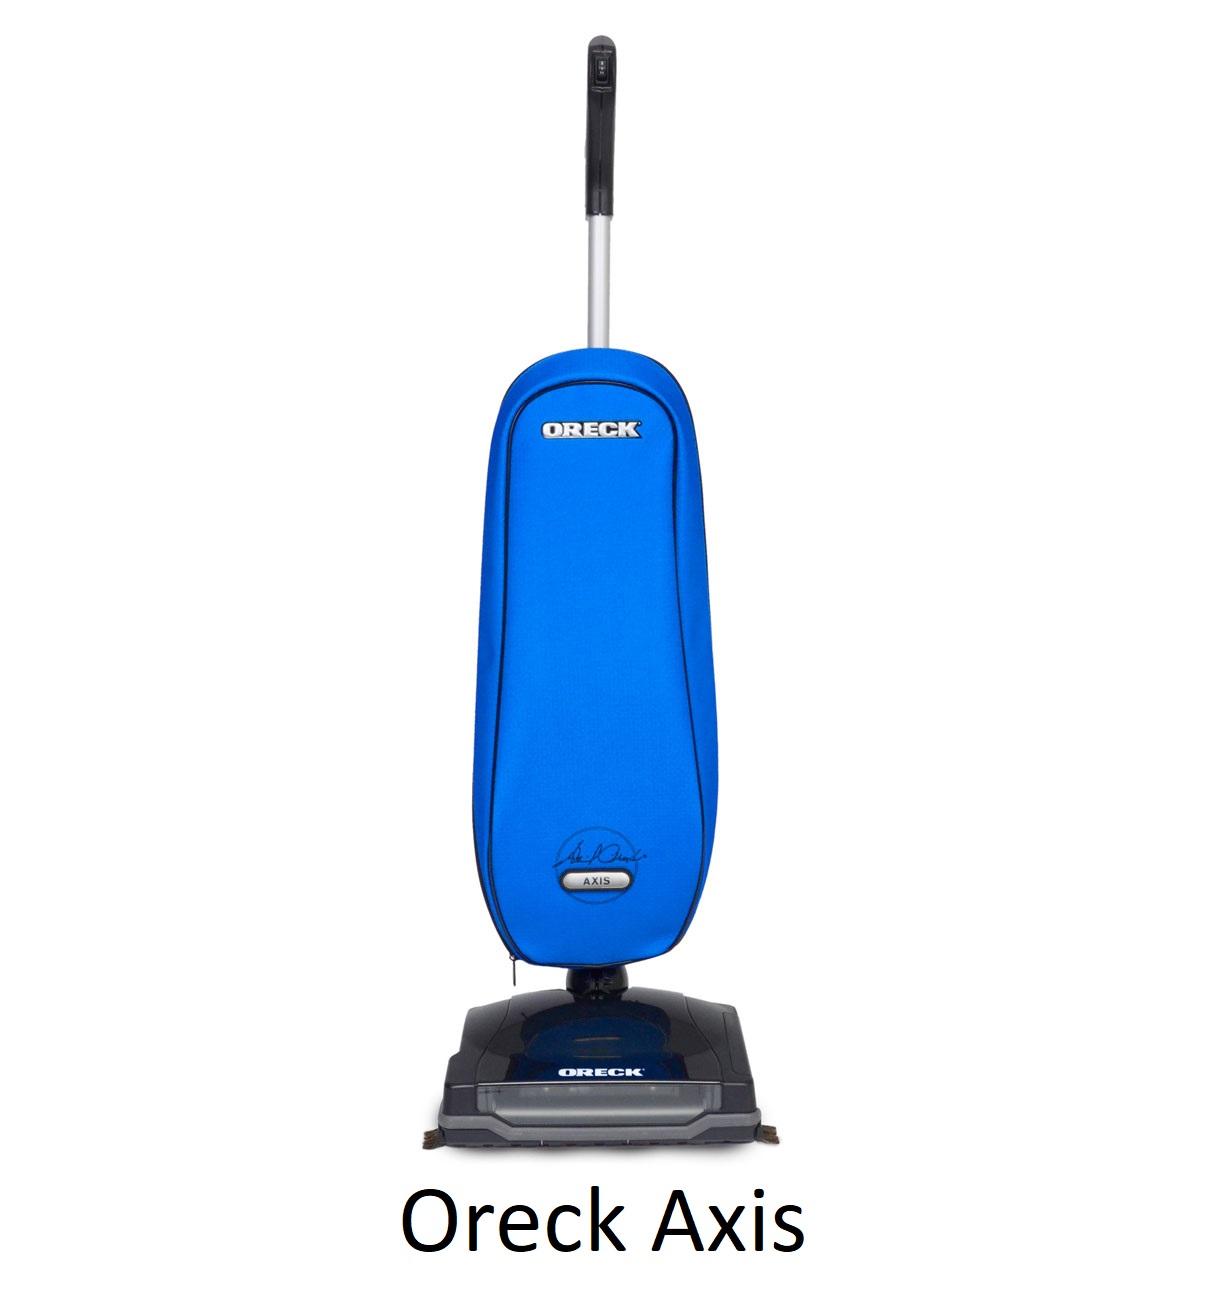 Oreck Axis